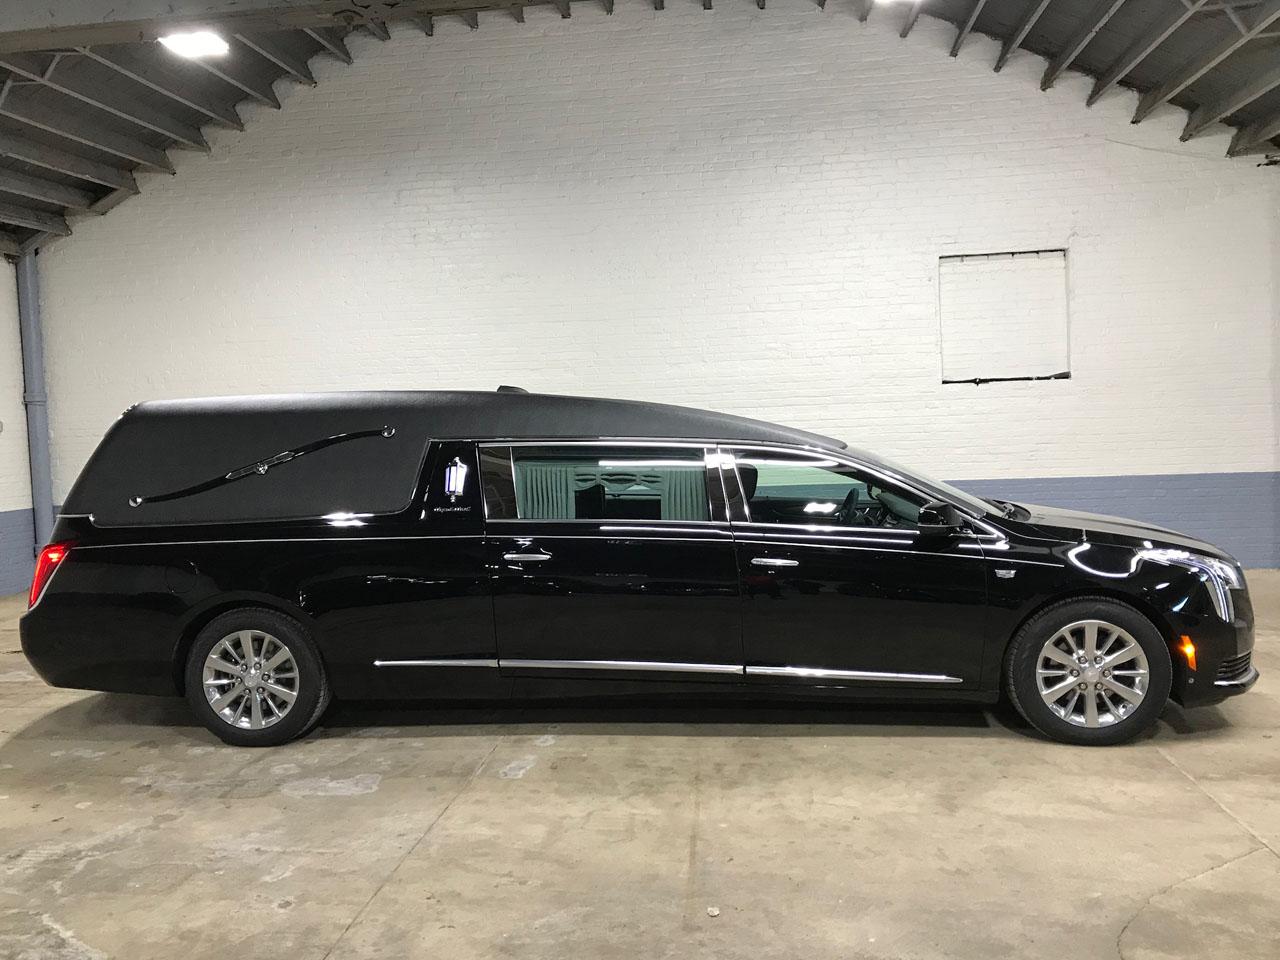 Hearses, Limousines, Vans & Sedan Sales - American Coach Sales